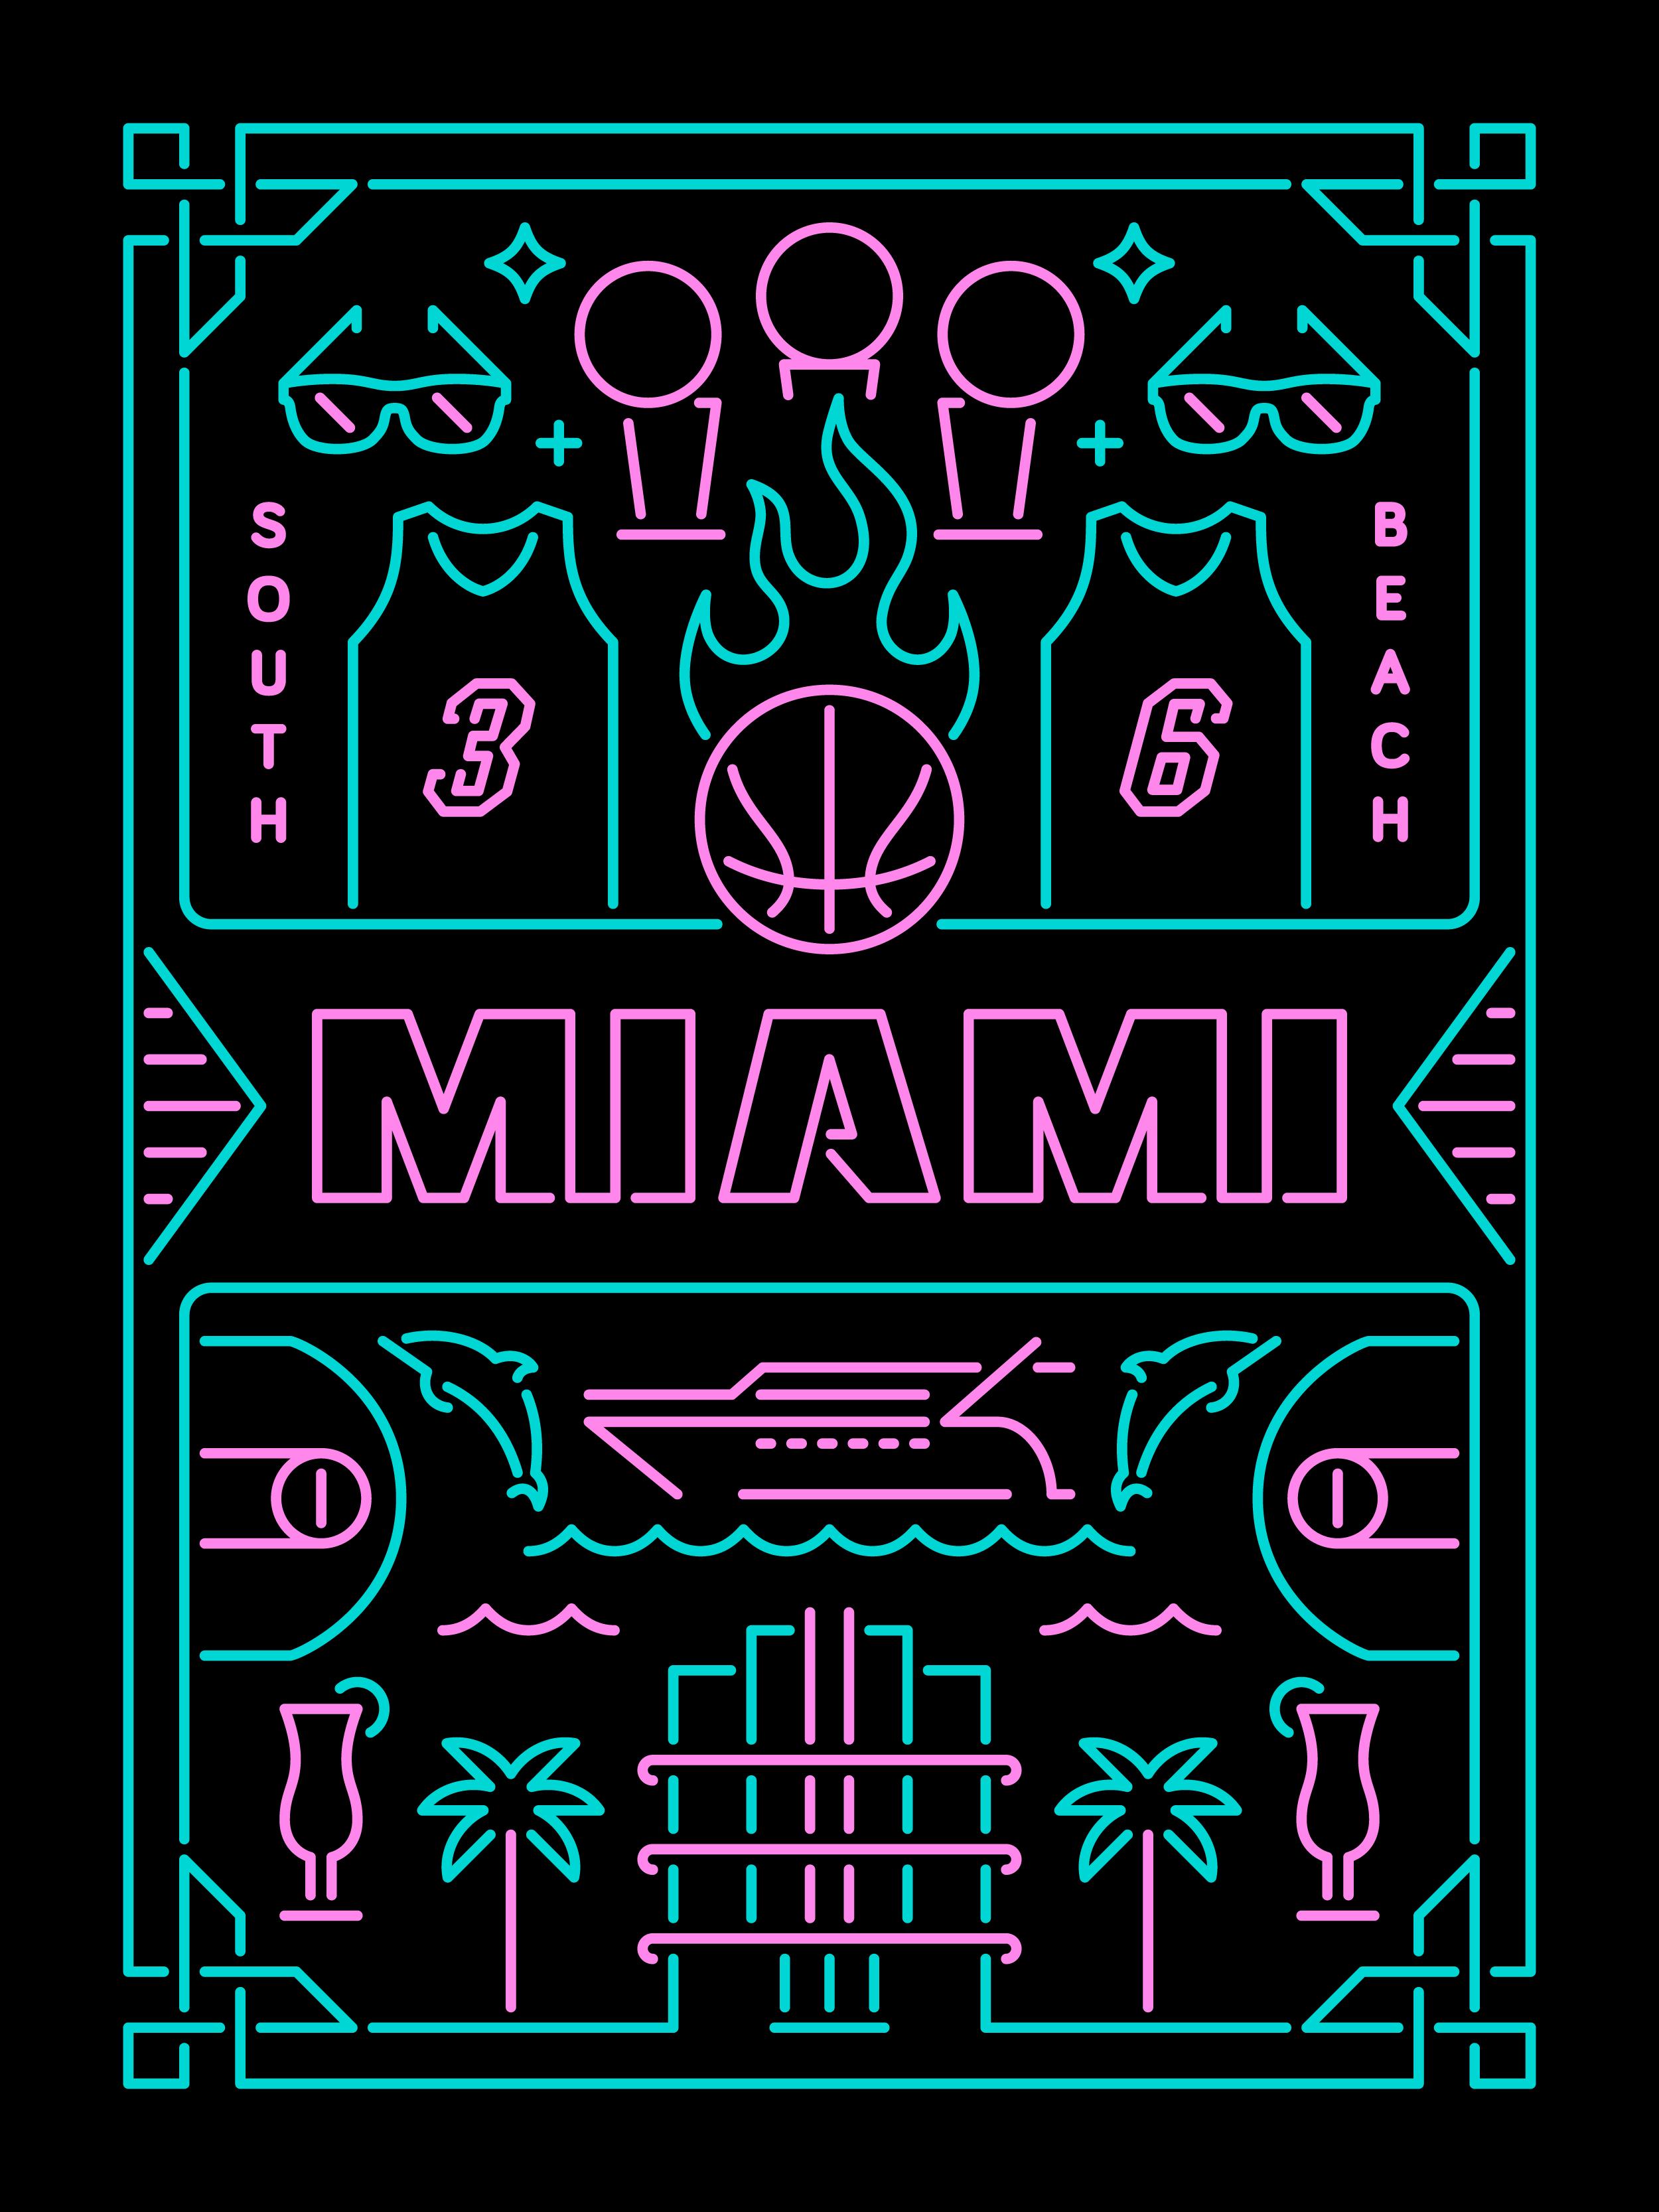 miami-basketball-elias-stein.png